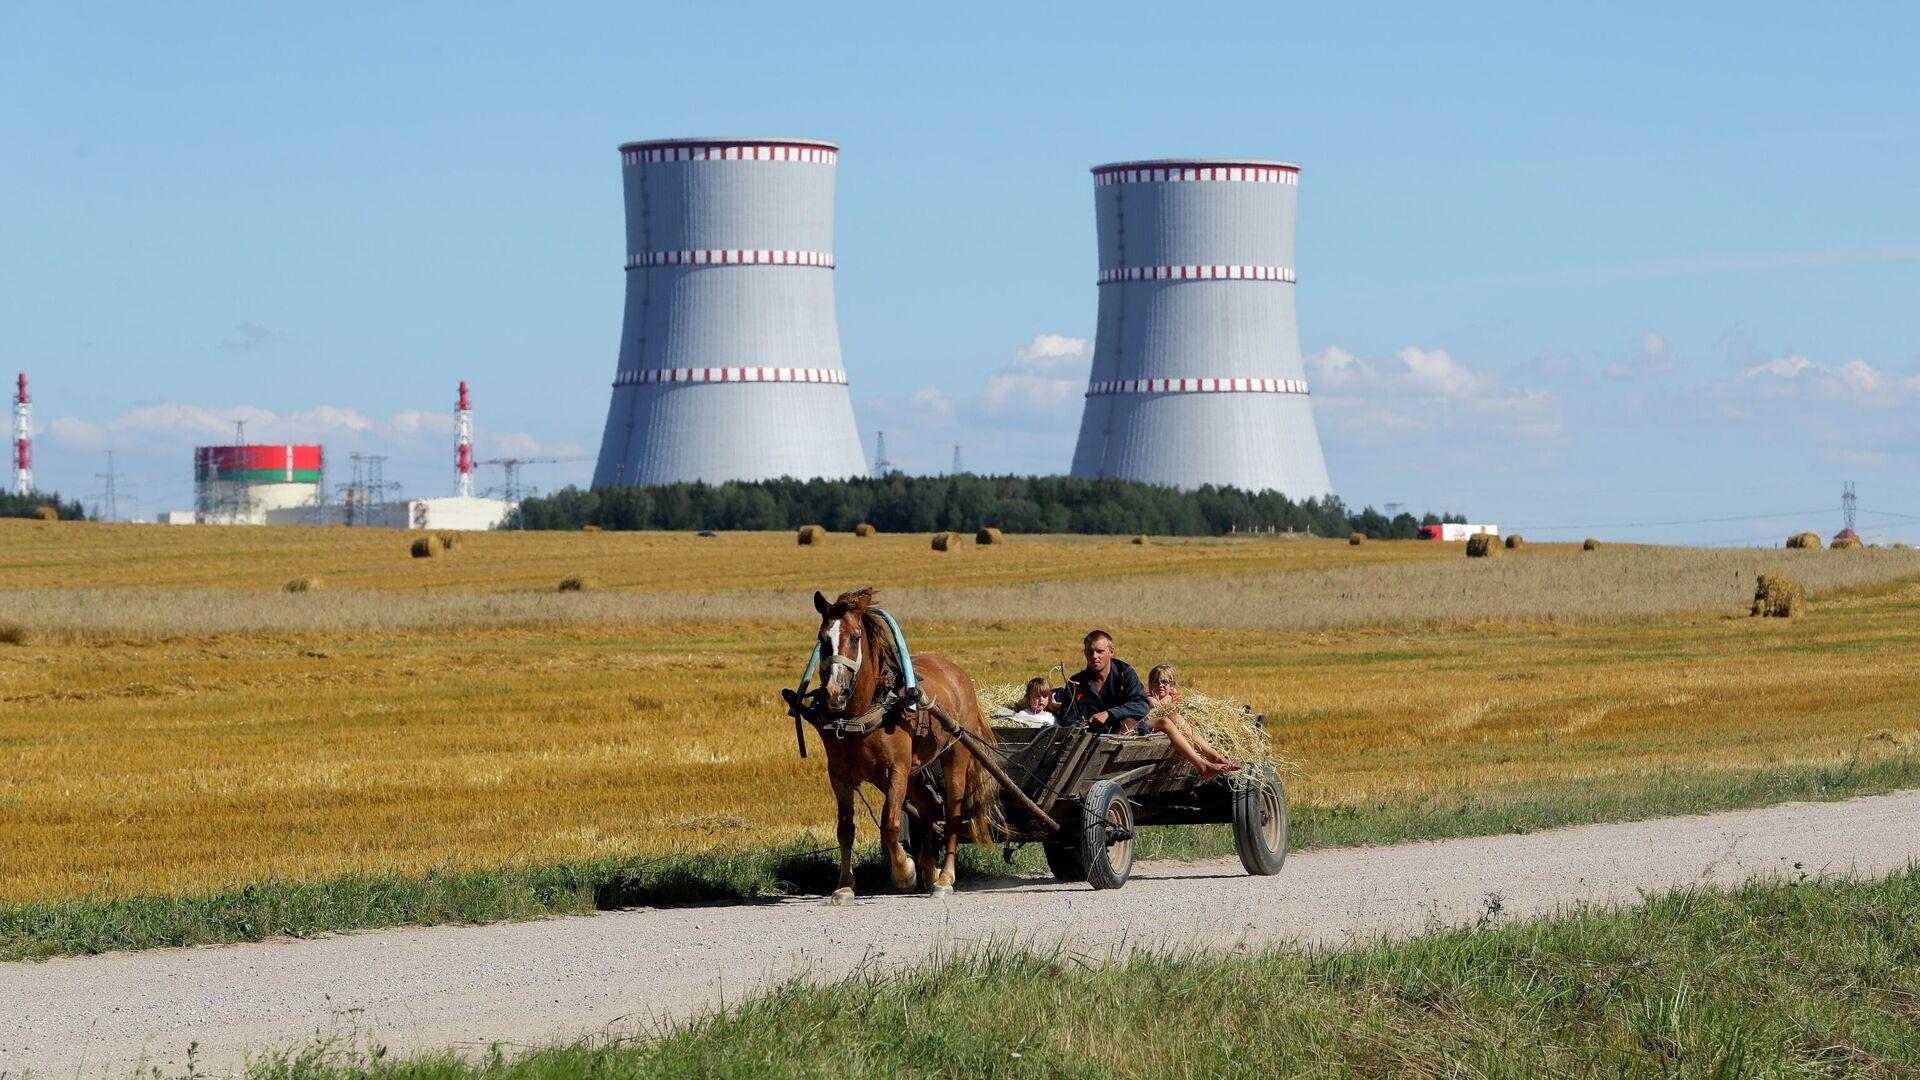 Белорусская АЭС  - РИА Новости, 1920, 24.09.2020